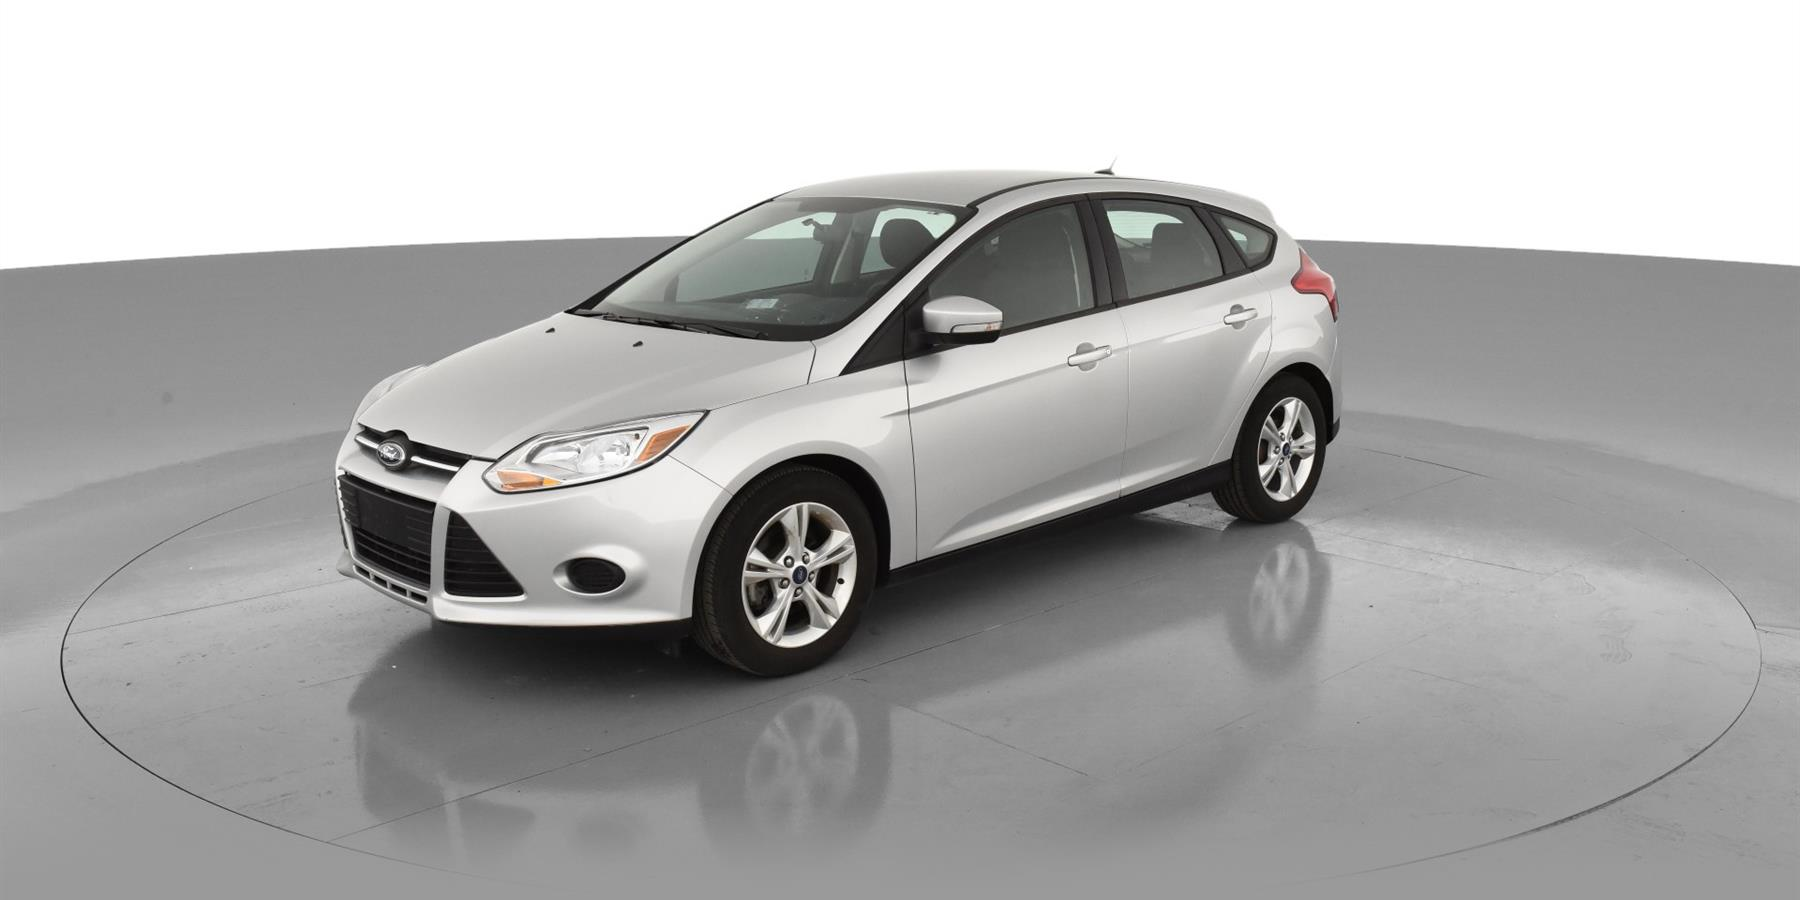 2013 Ford Focus Se Hatchback 4d For Sale Carvana